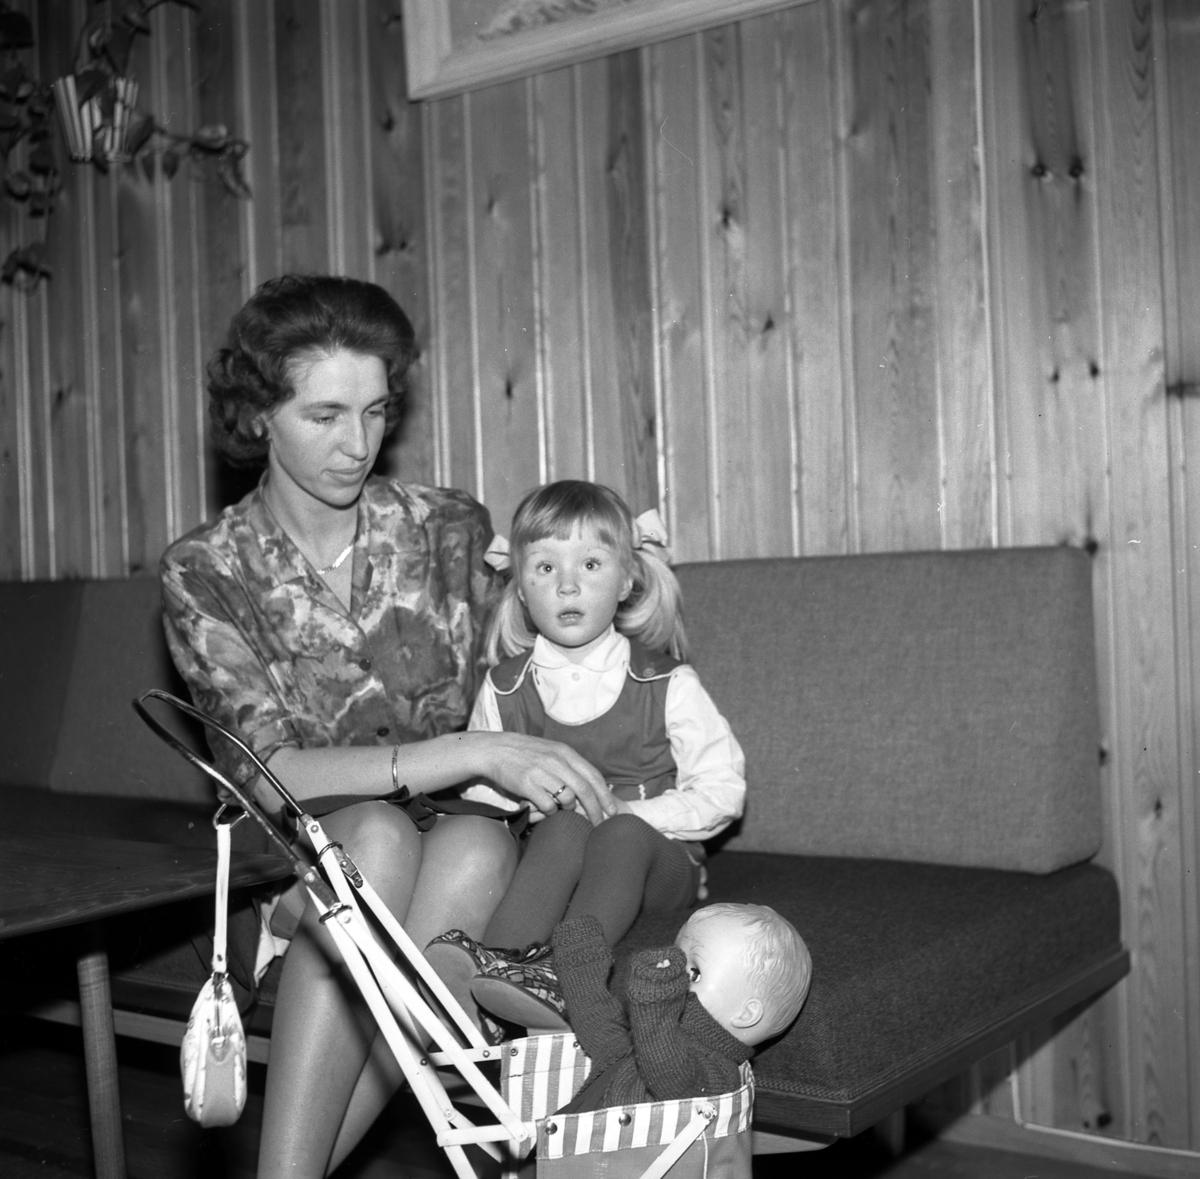 Anne-Lise Johannesen